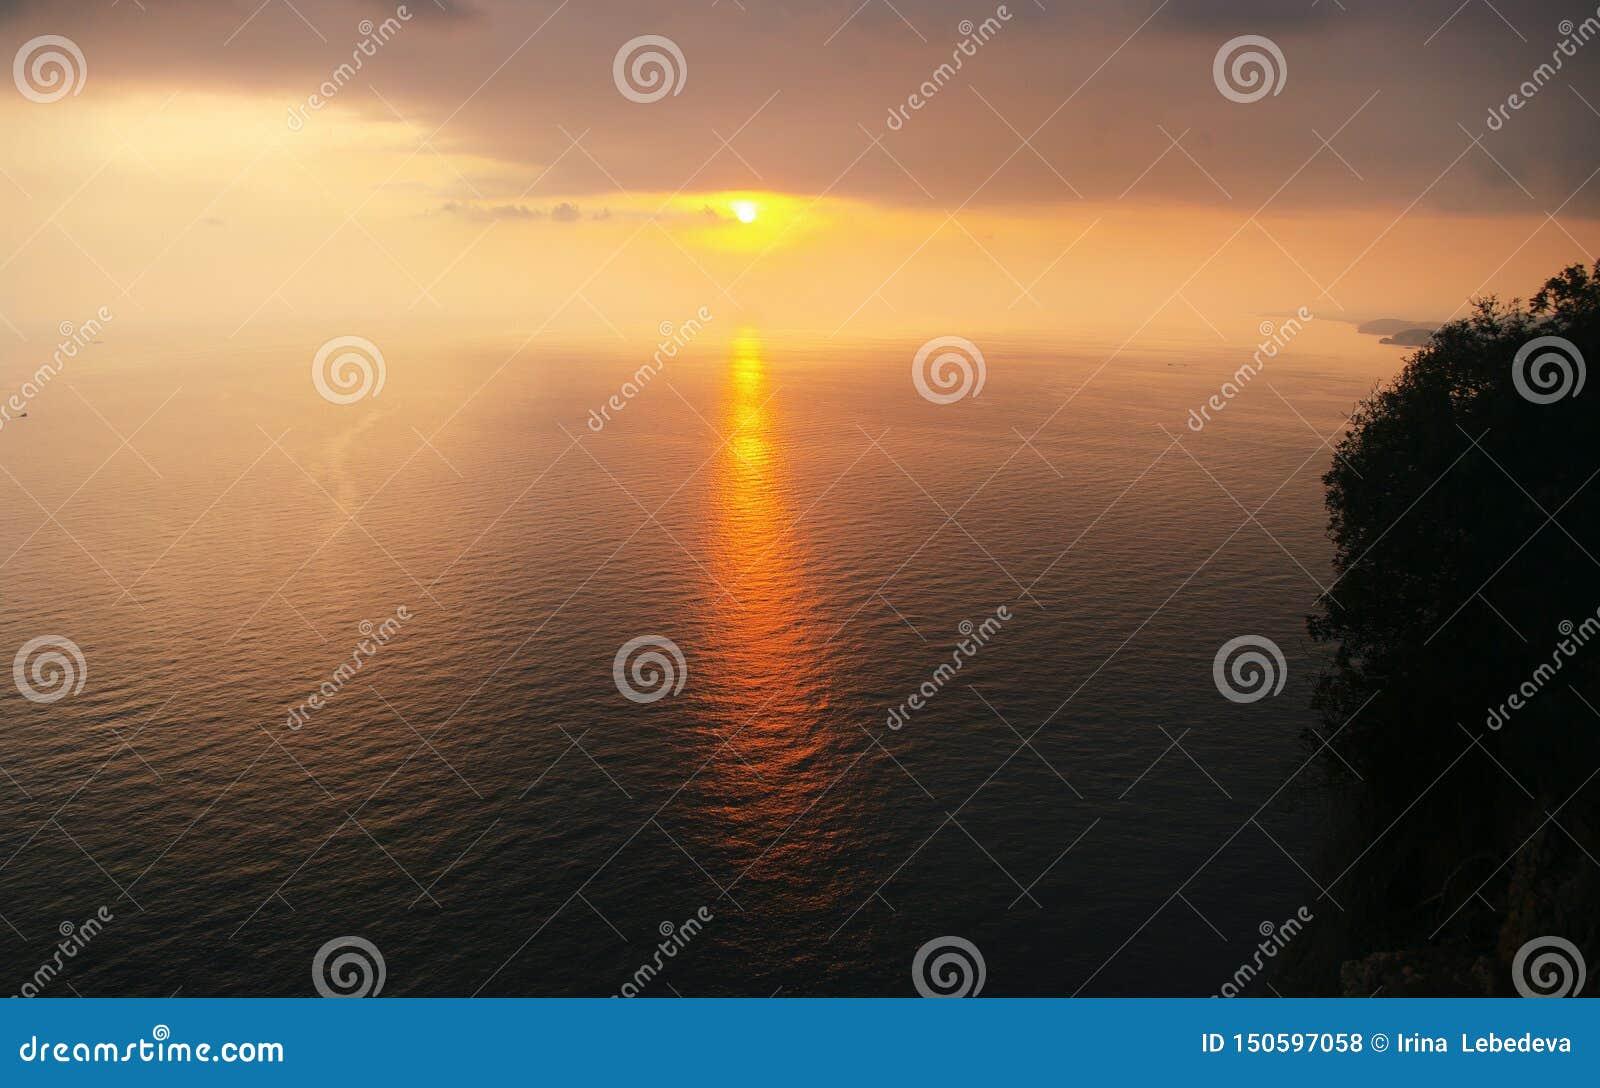 Ειρηνική άποψη του ηλιοβασιλέματος και η πορεία ήλιων από τις ακτίνες του ήλιου ρύθμισης